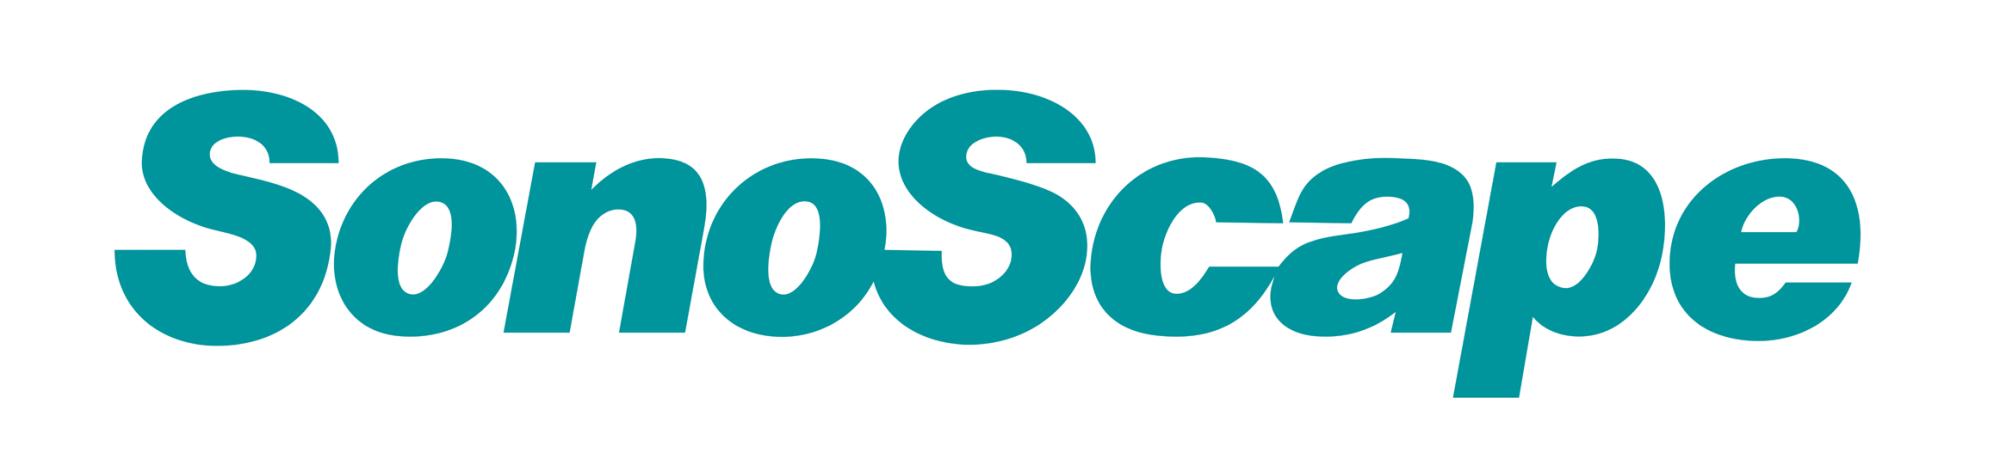 Sonoscape logo